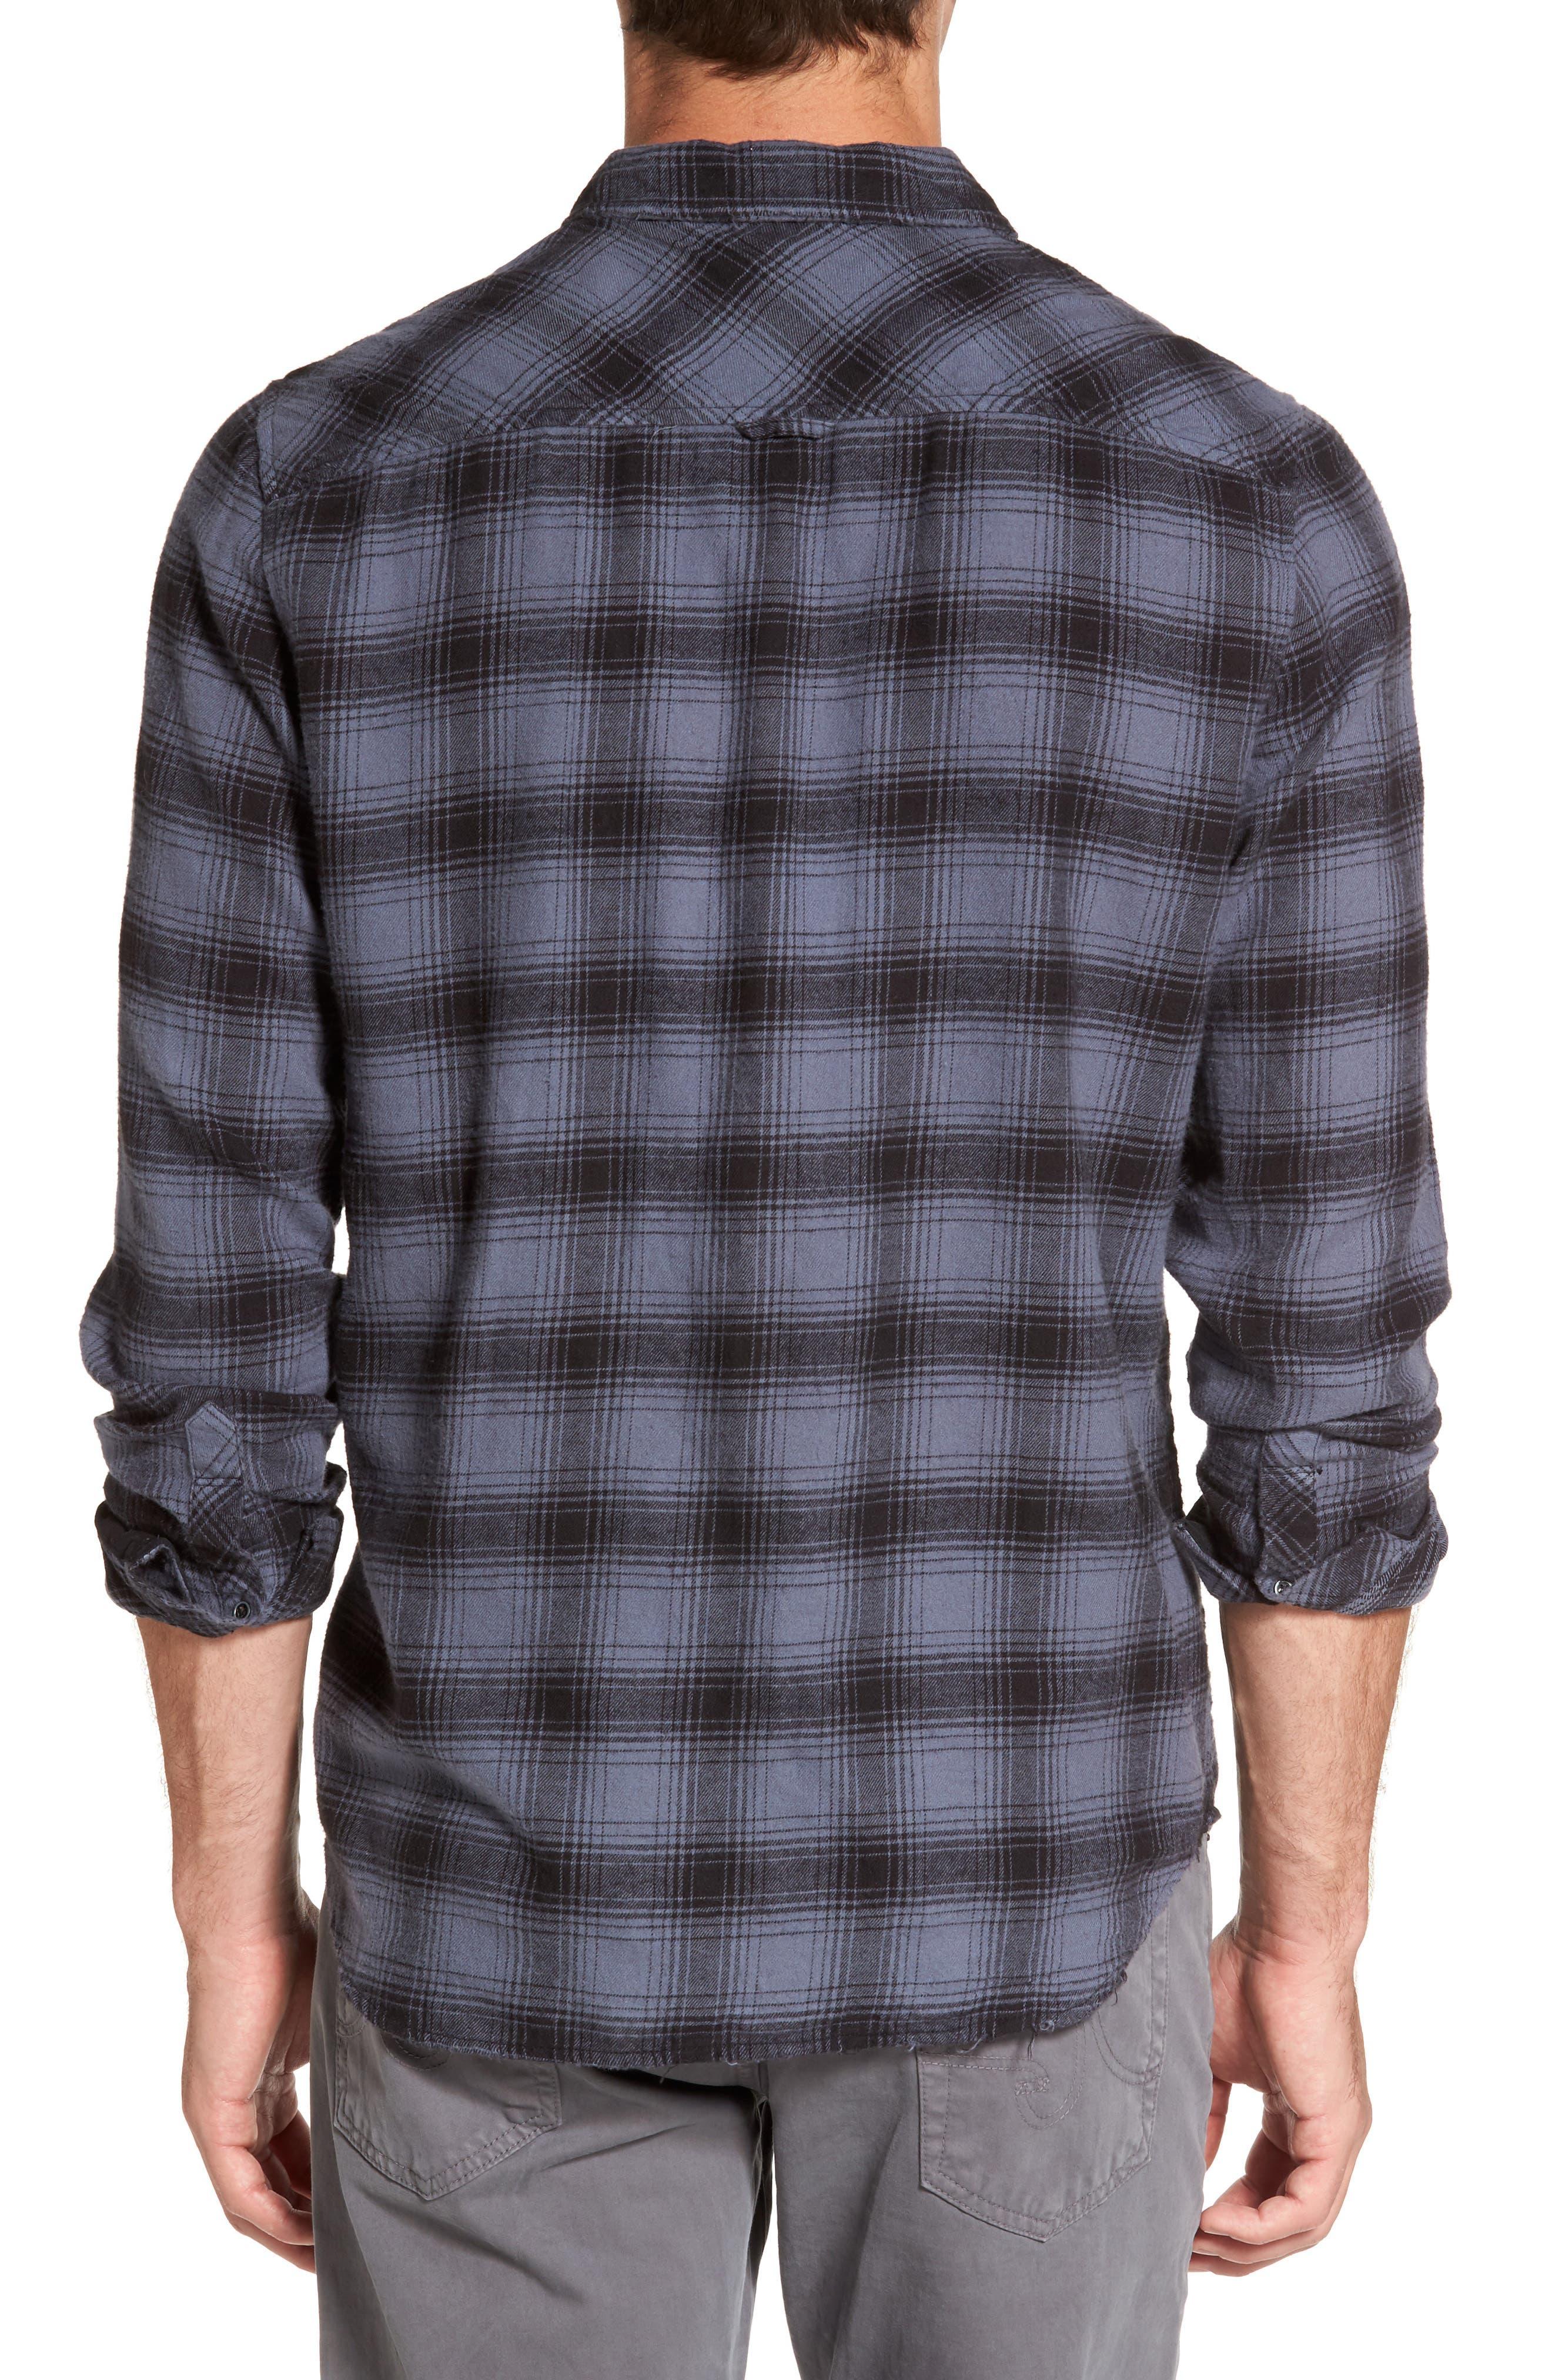 Grady Plaid Flannel Sport Shirt,                             Alternate thumbnail 2, color,                             008